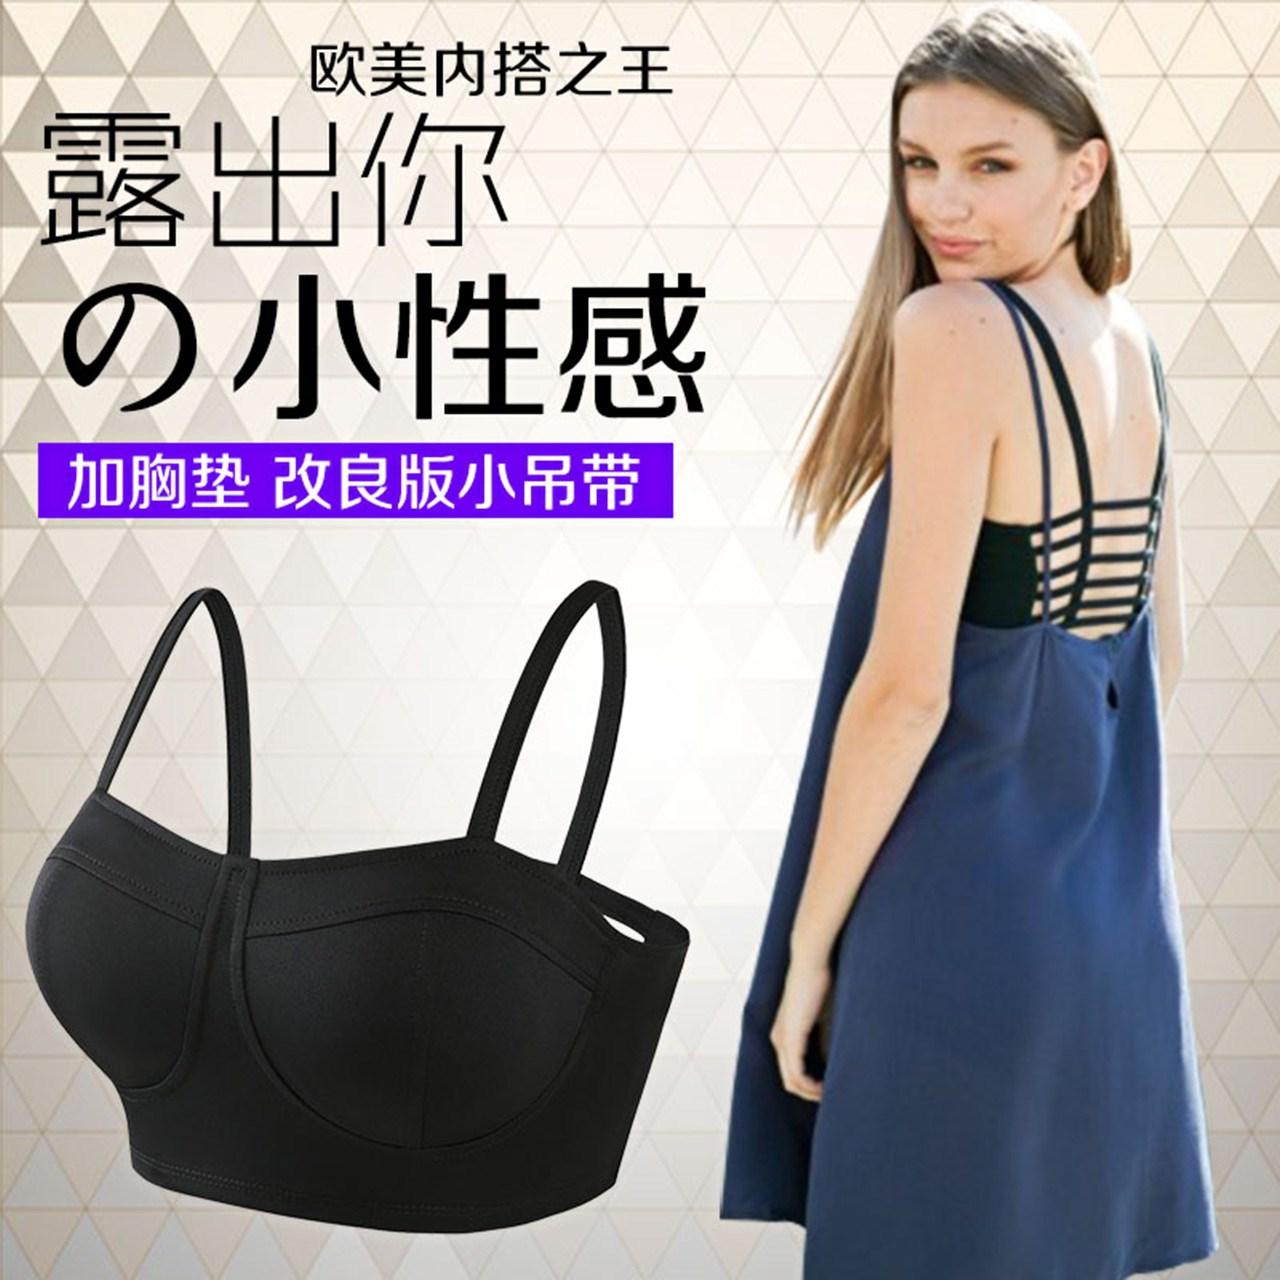 防走光抹胸式文胸裹胸女打底吊带背心薄款无钢圈运动内衣bra胸罩